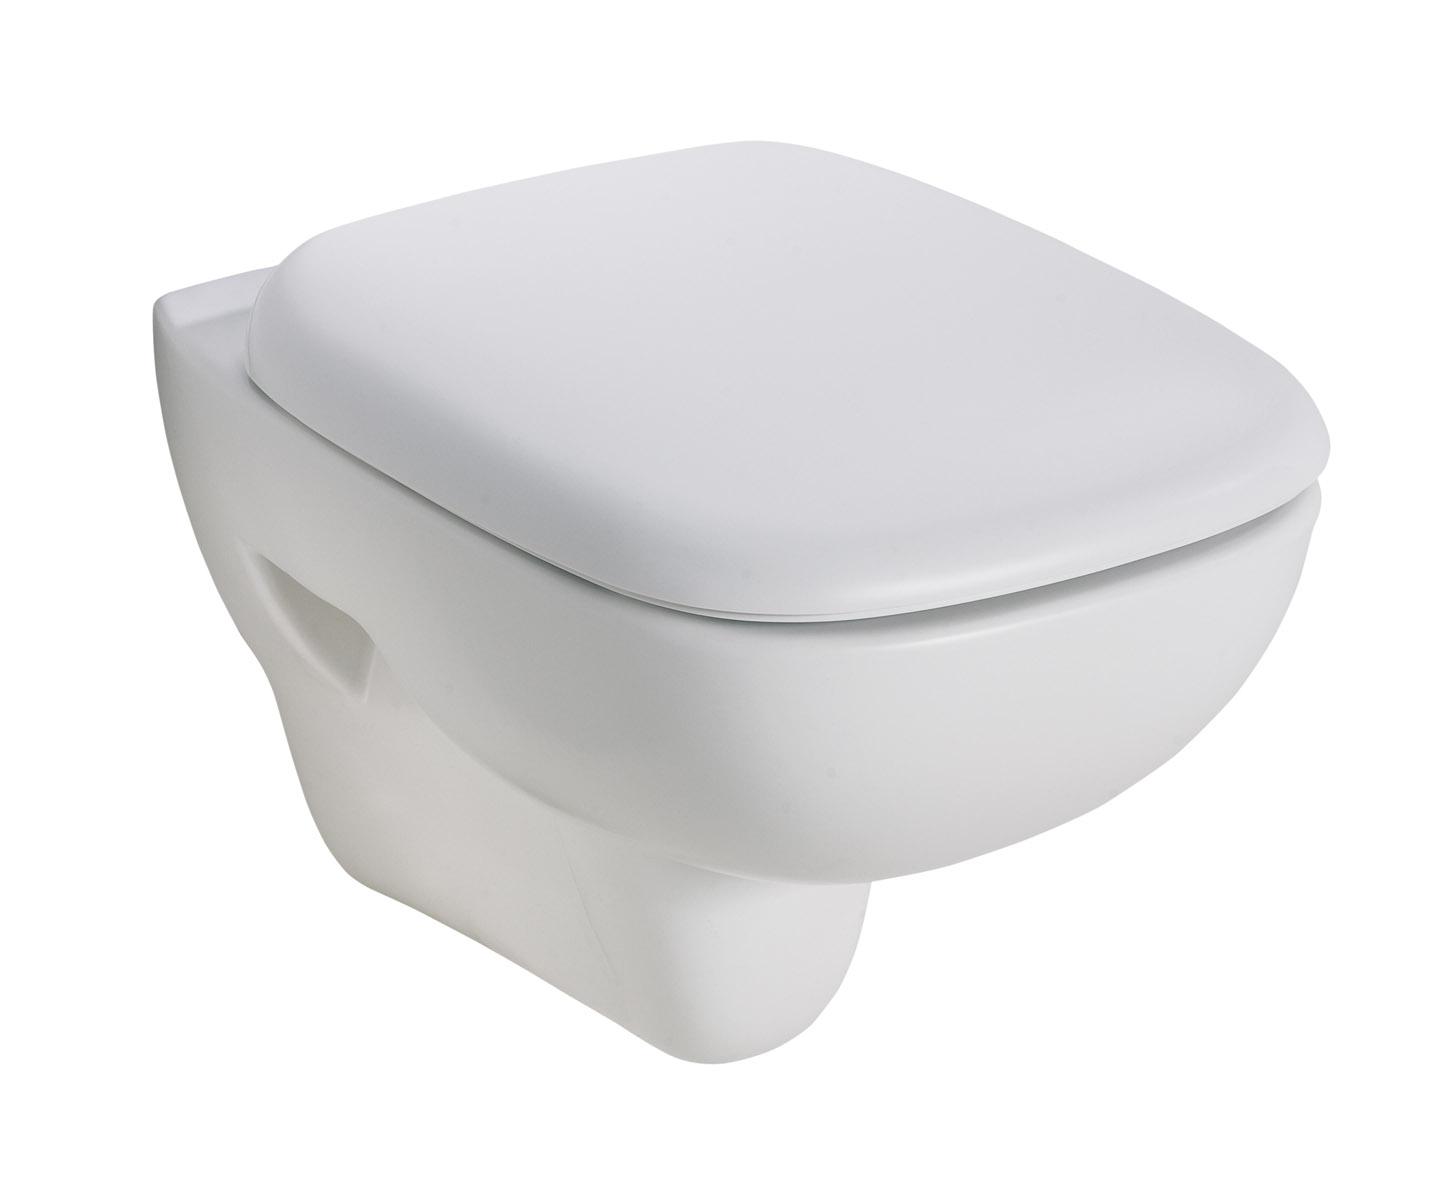 wc/klozety KOLO Style L23100 900 WC závěsné Reflex